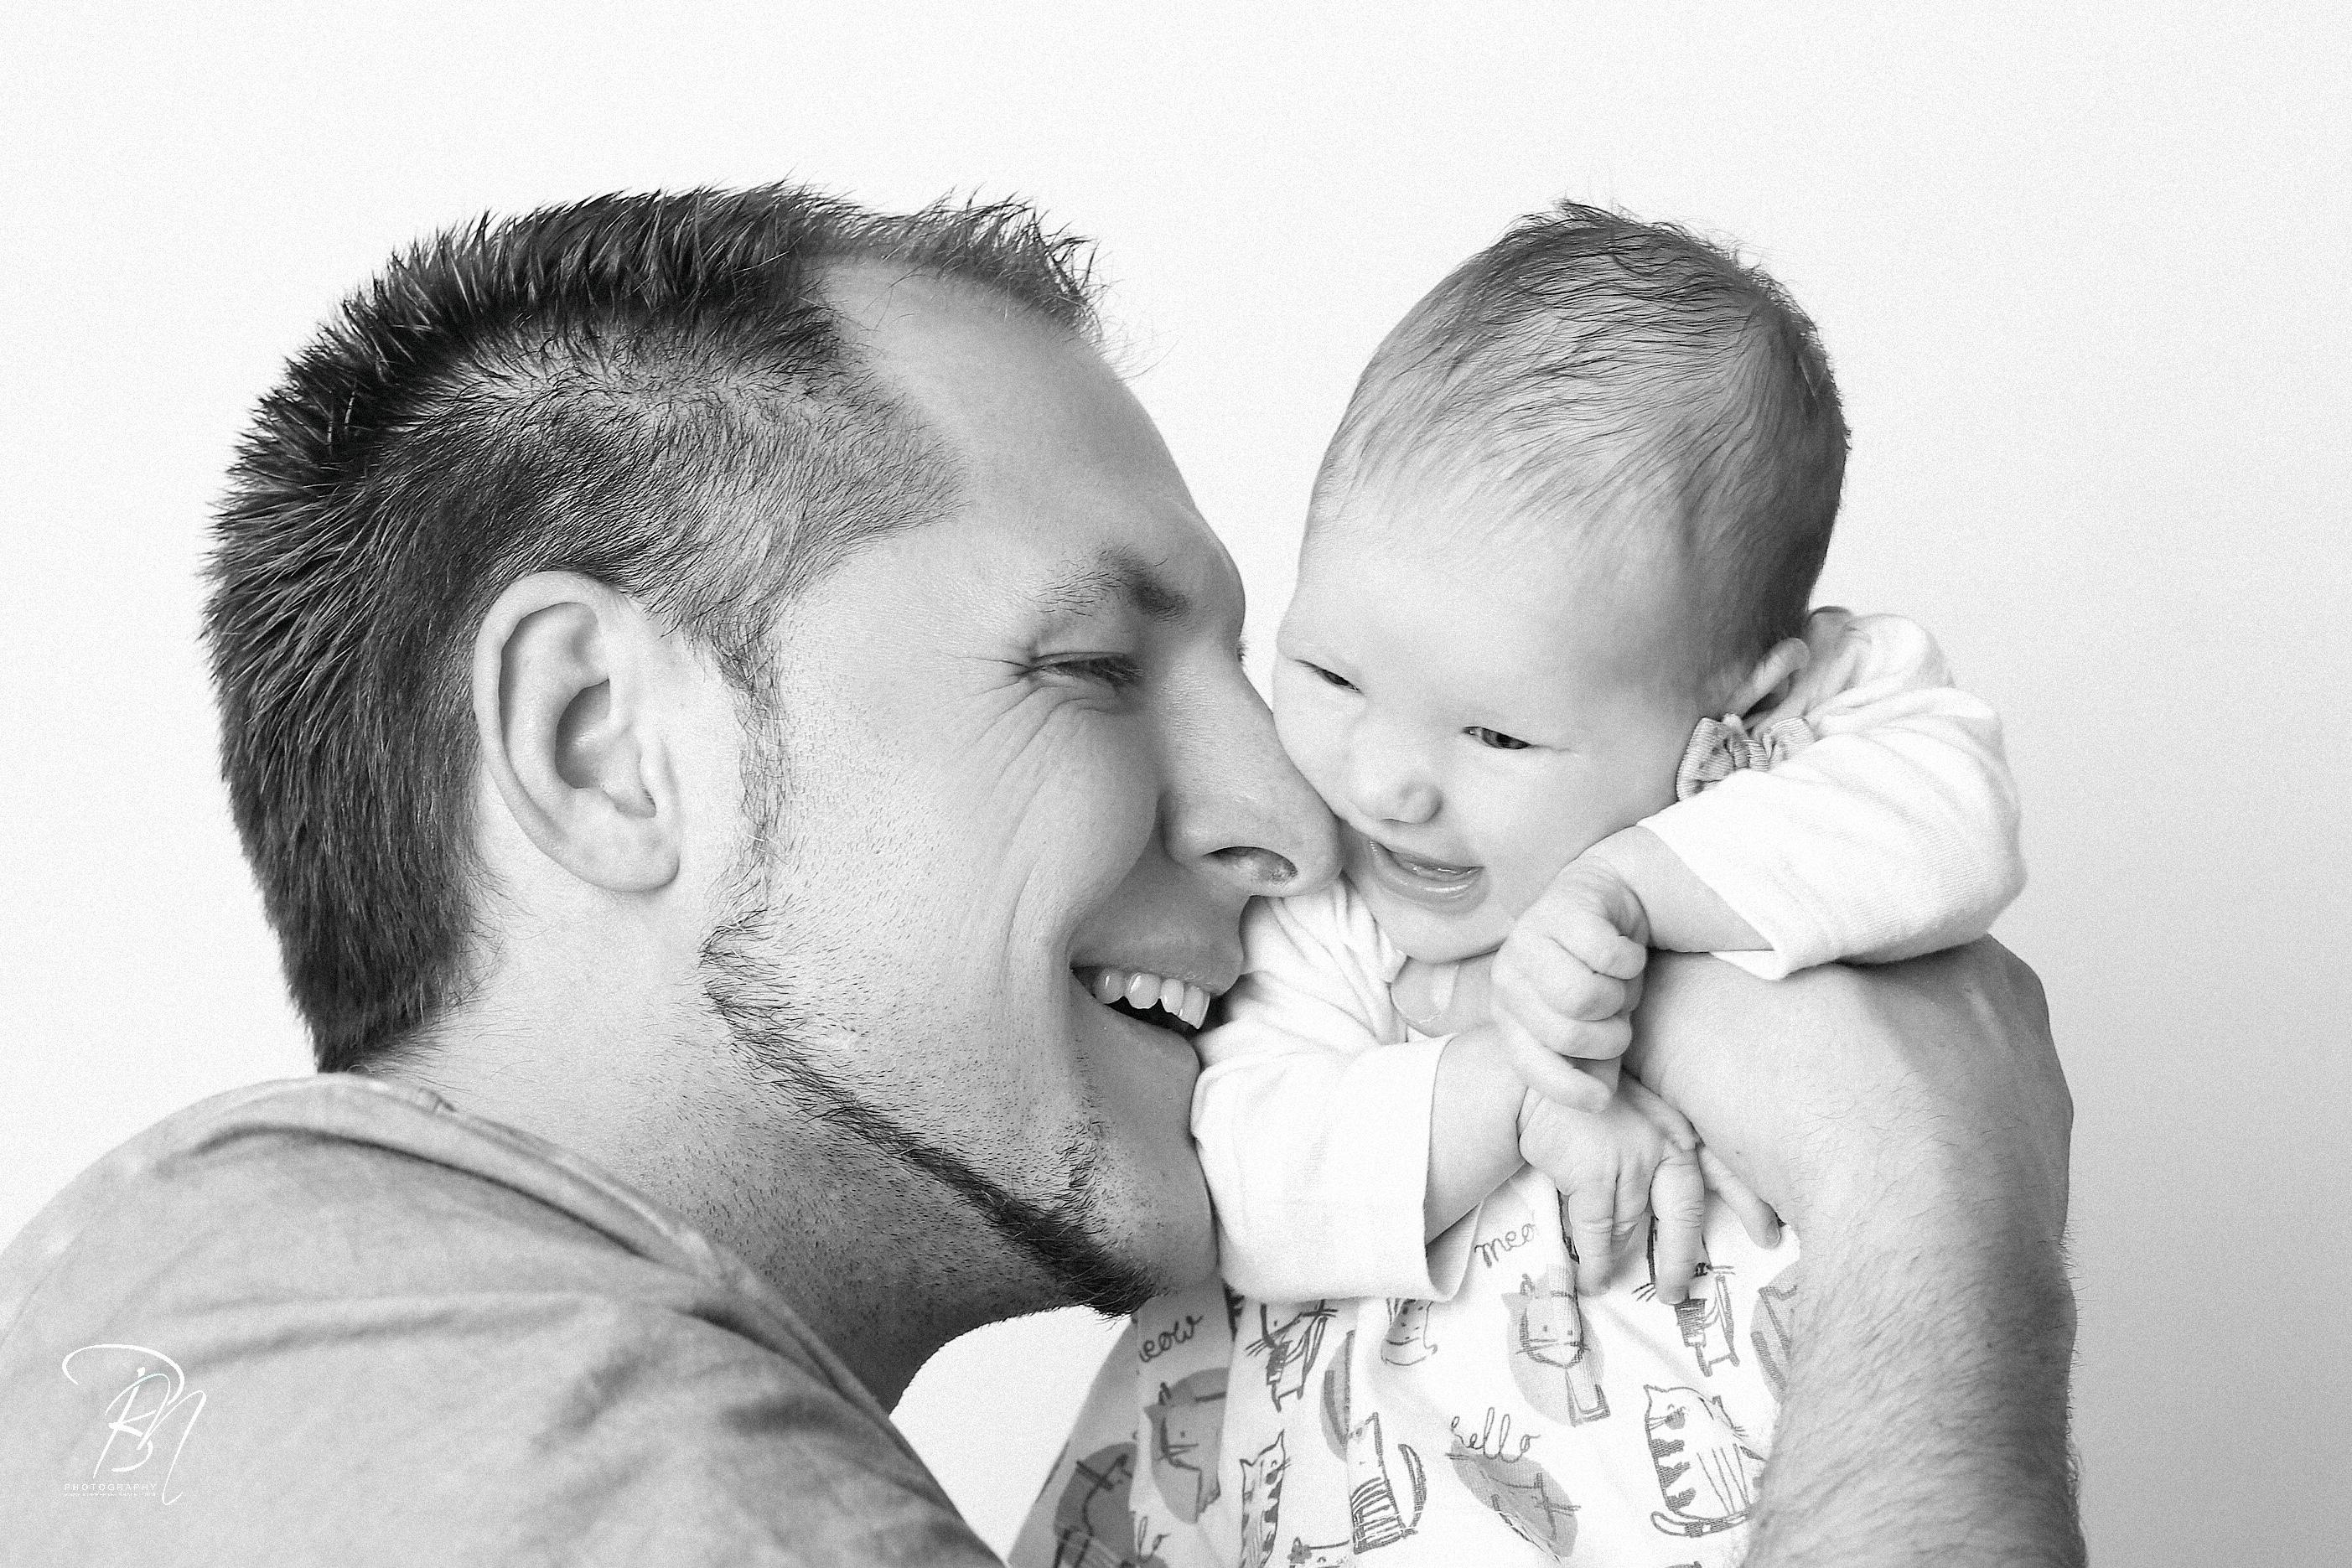 Apa lettem - fotókiállítás